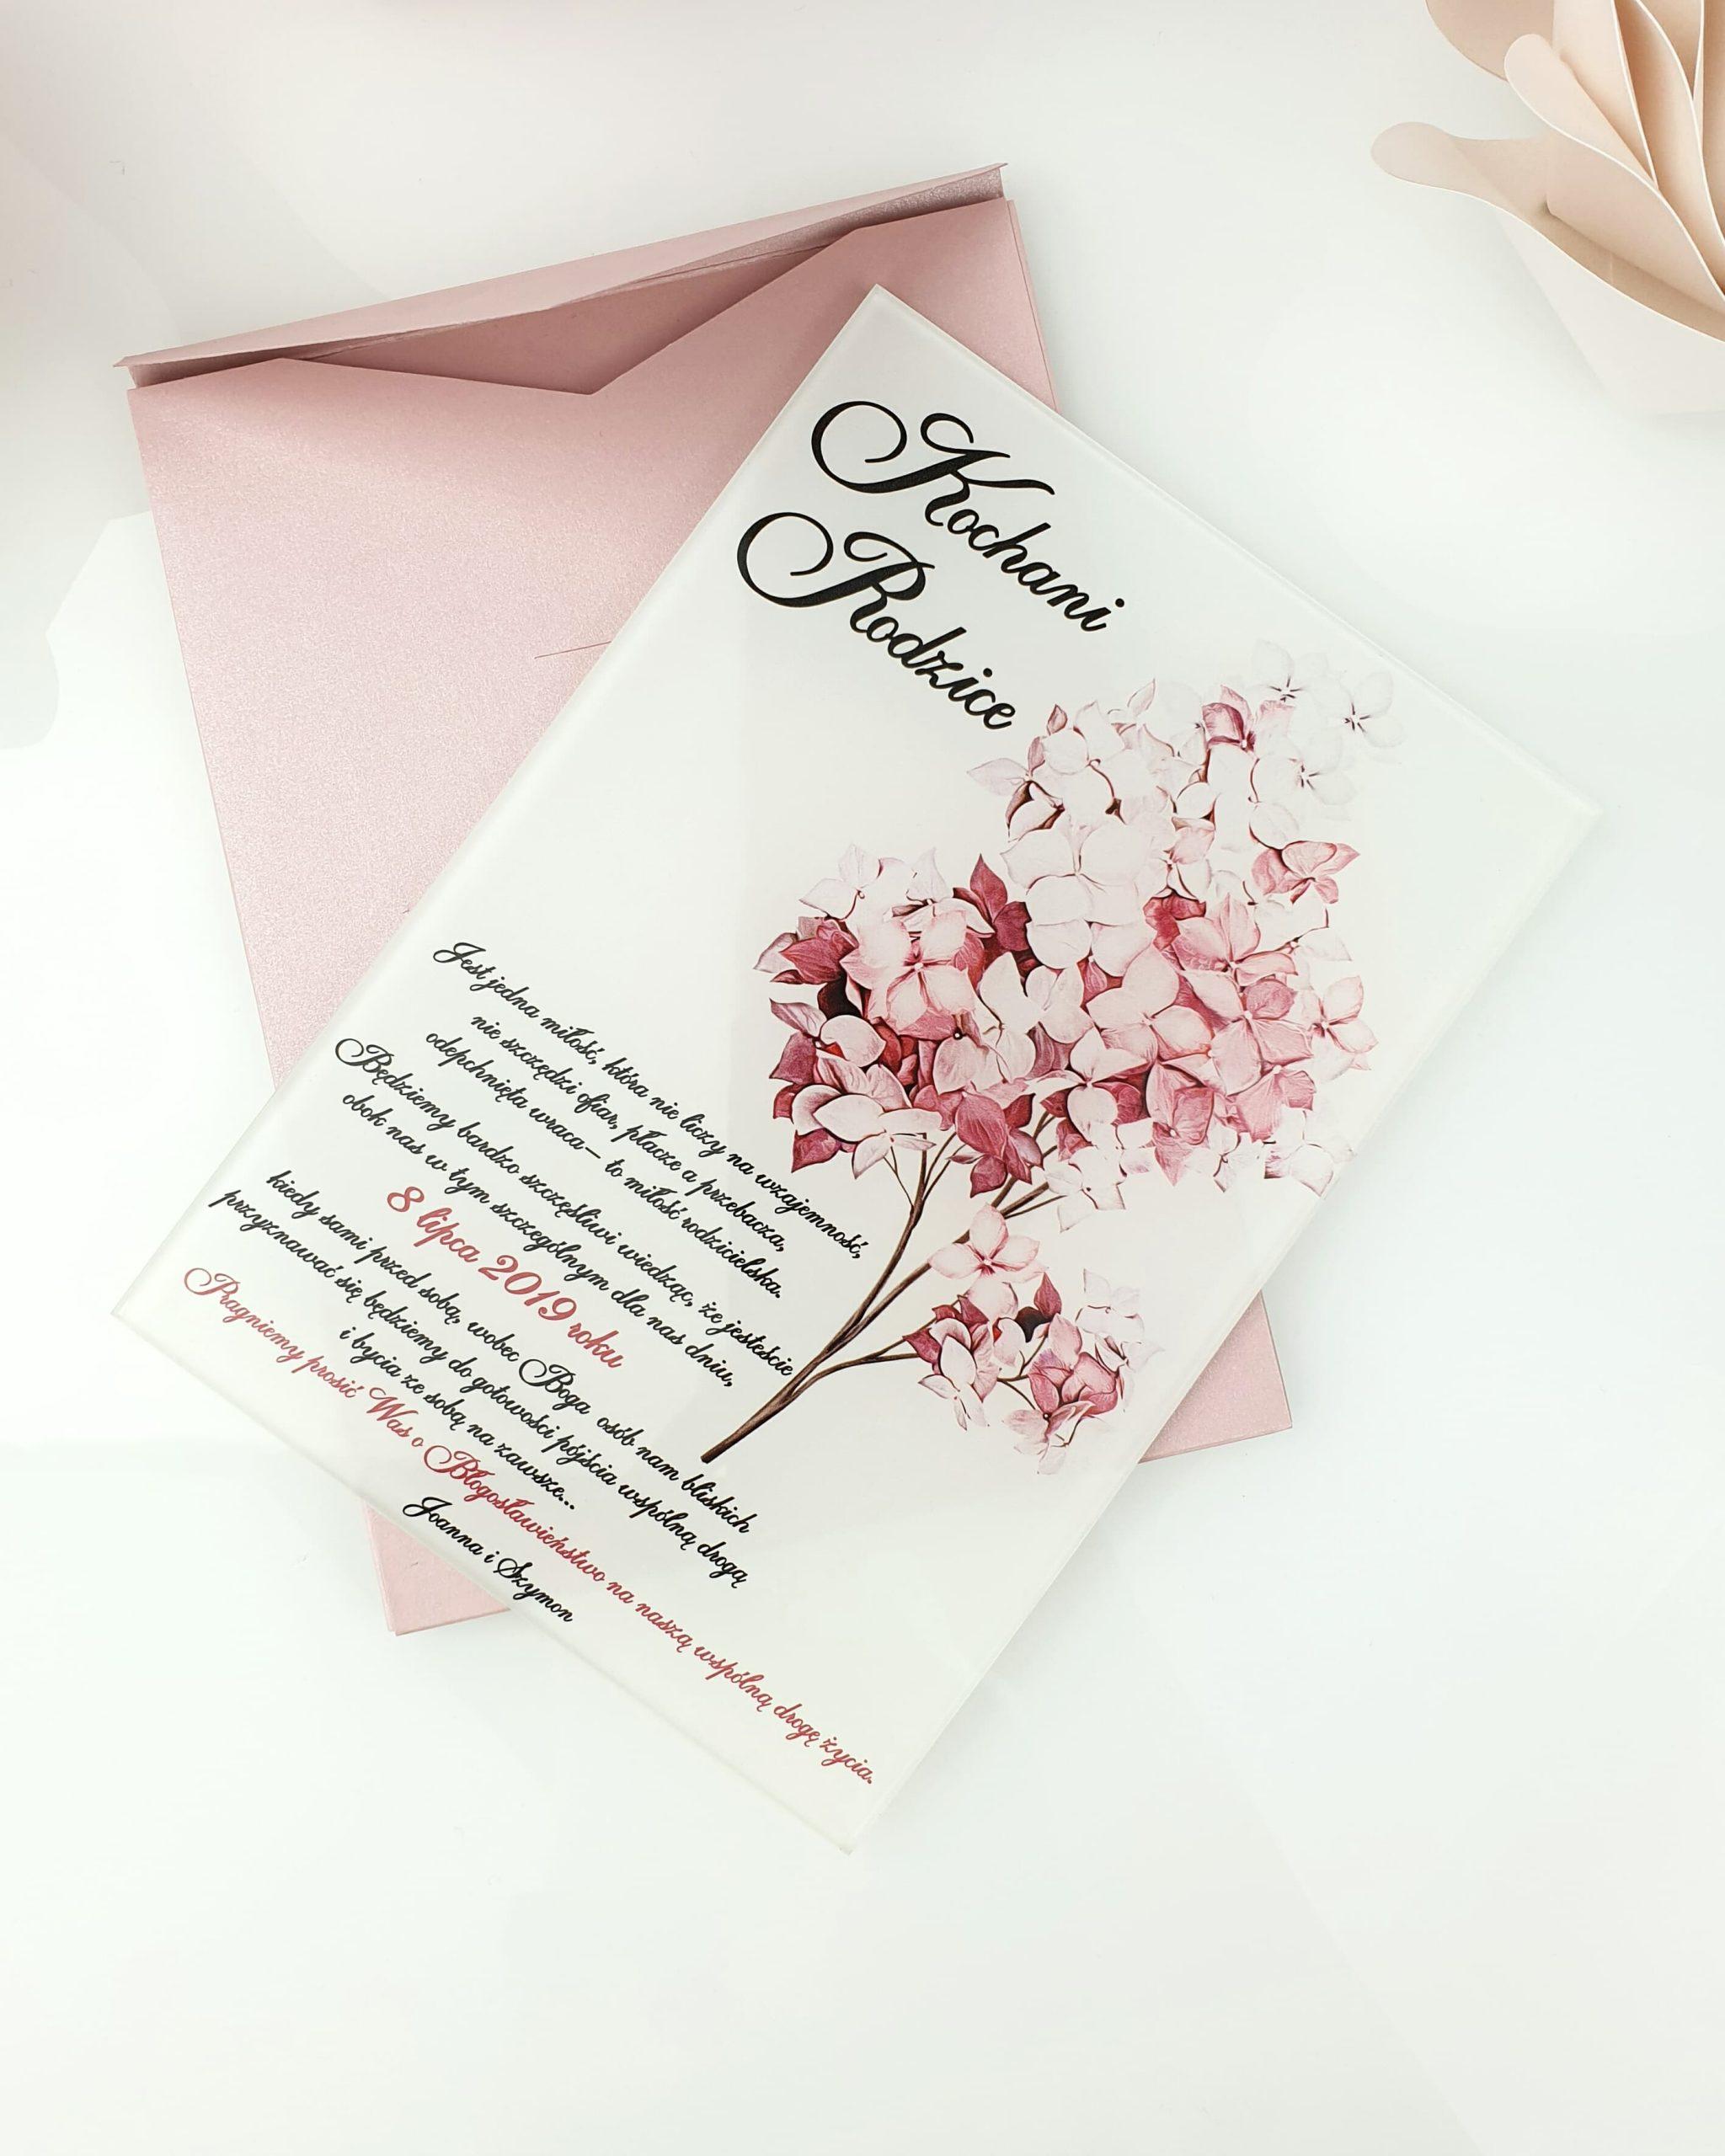 Lilac zaproszenie na ślub szklana tafla 1